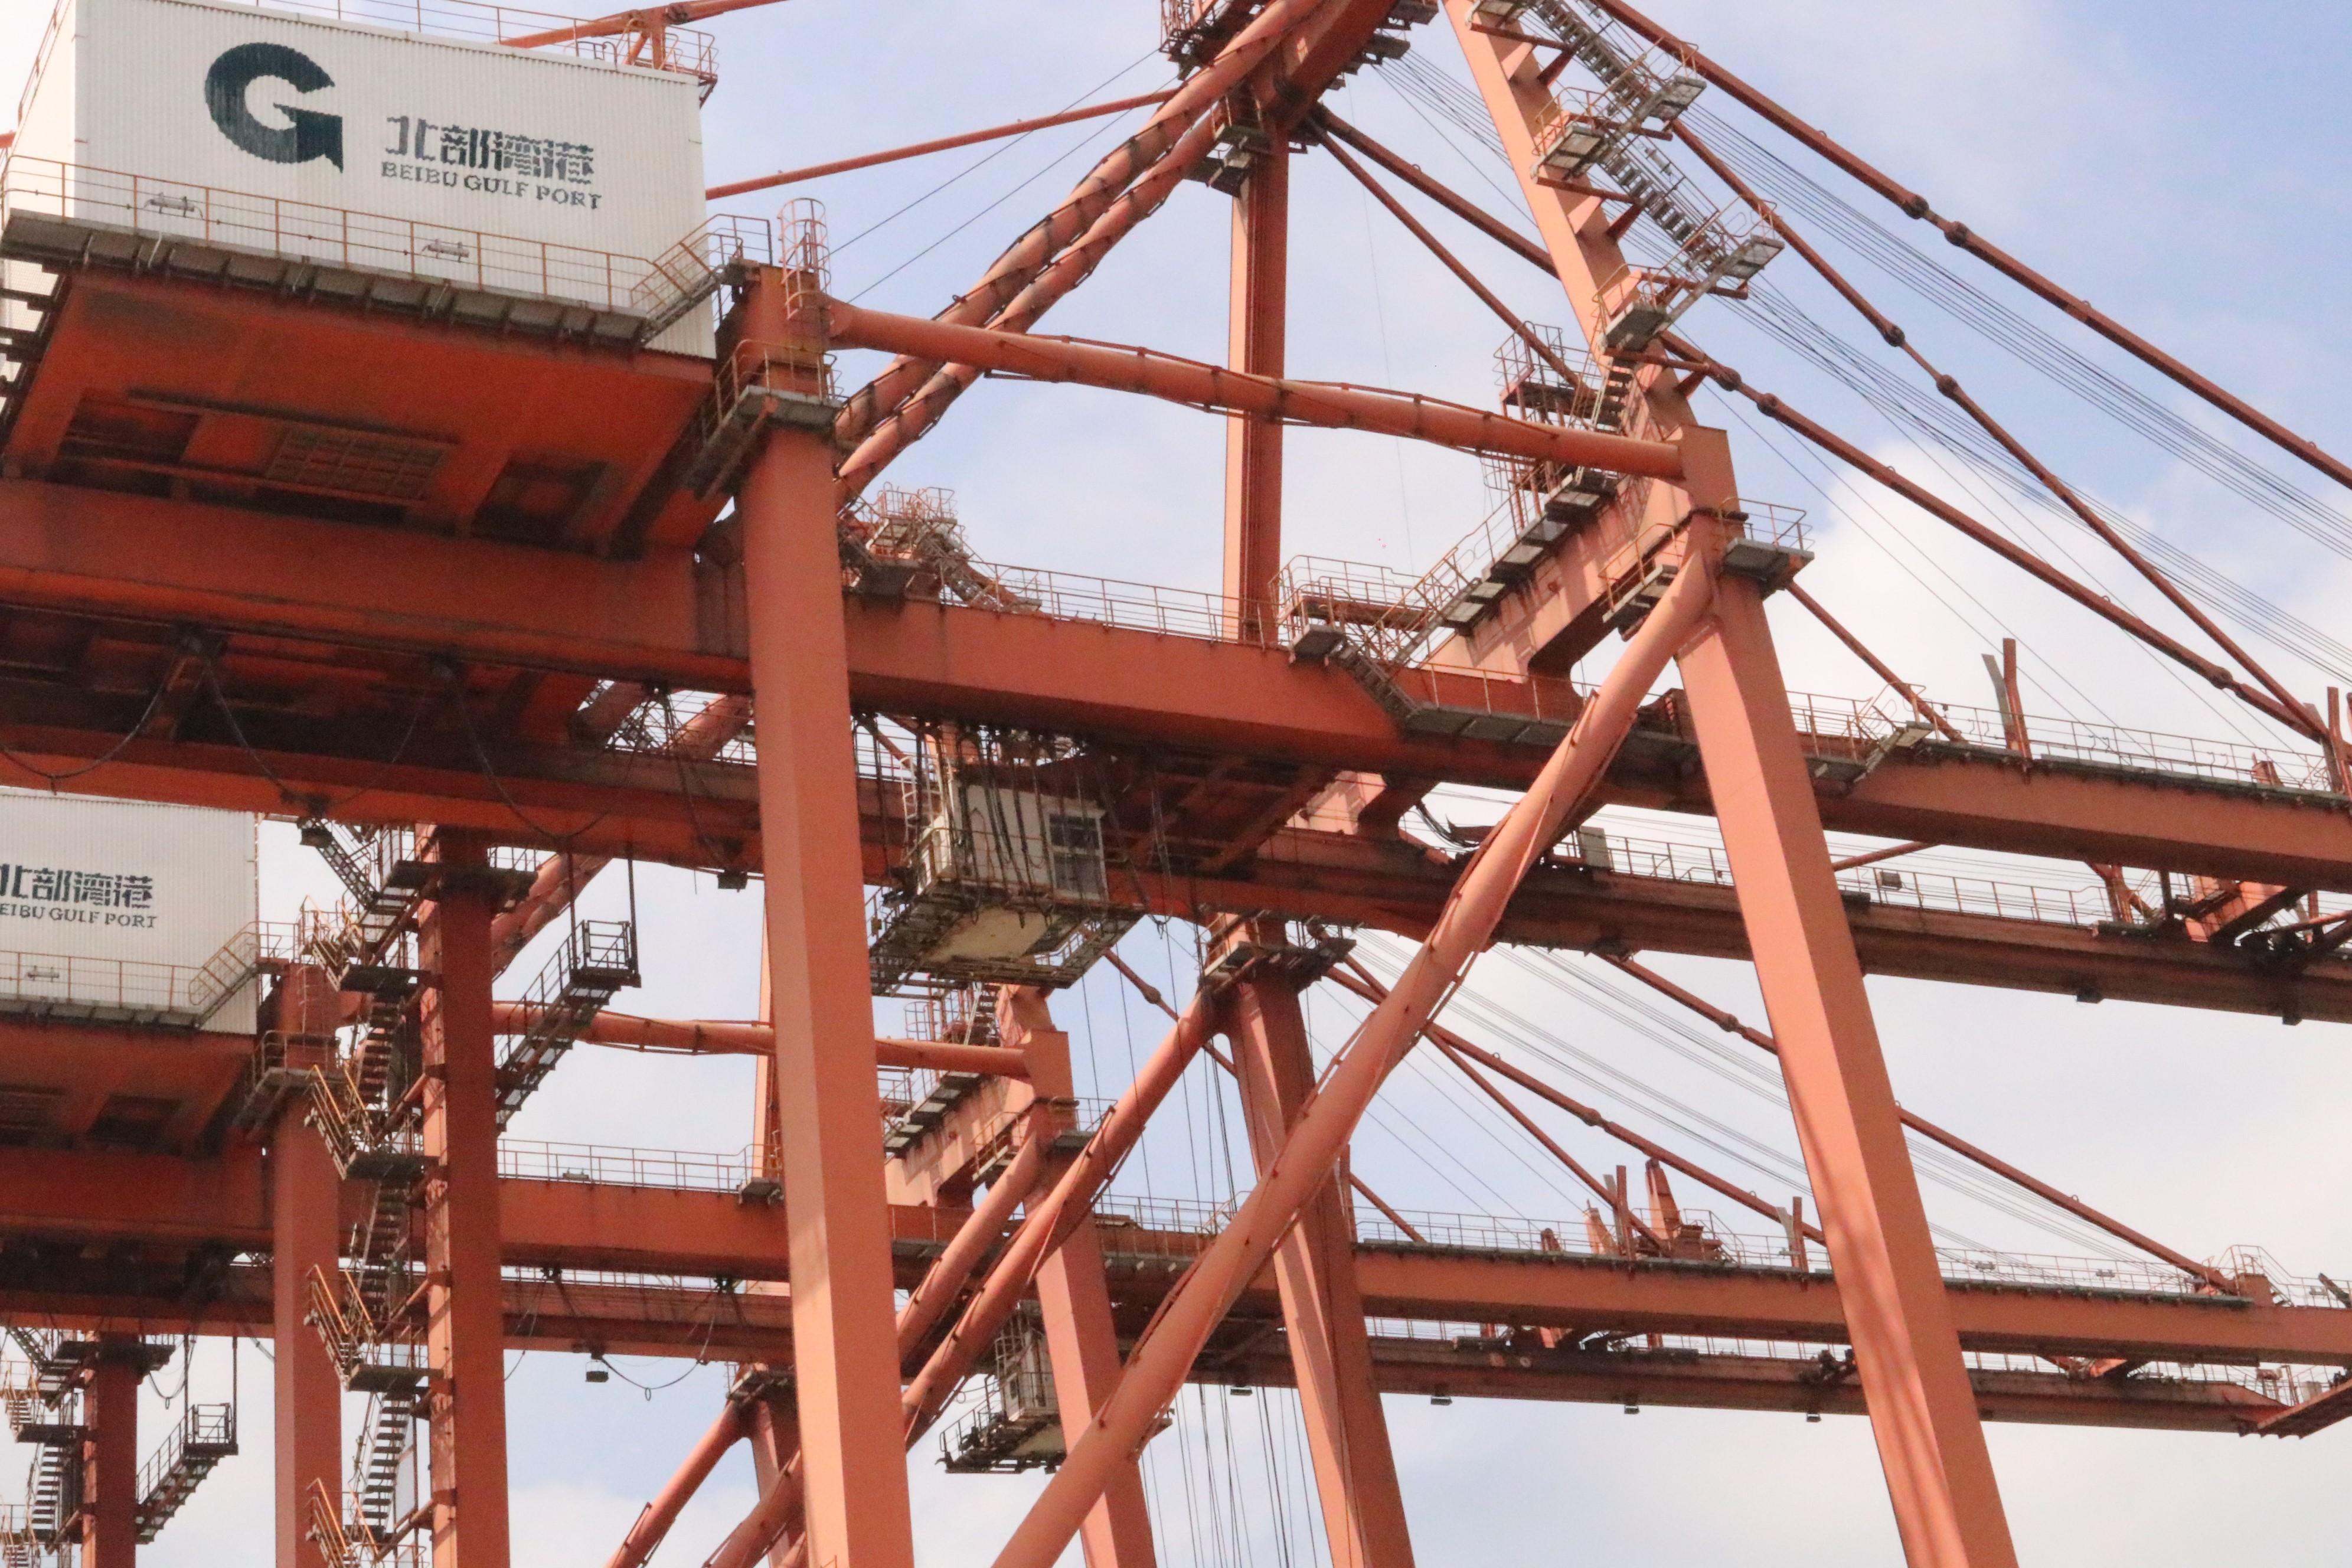 图为防城港码头公司的某座桥吊上安装了5G+高清监控设备,突破了以往的操作瓶颈,改善了码头职工的工作环境。李勤虹 摄